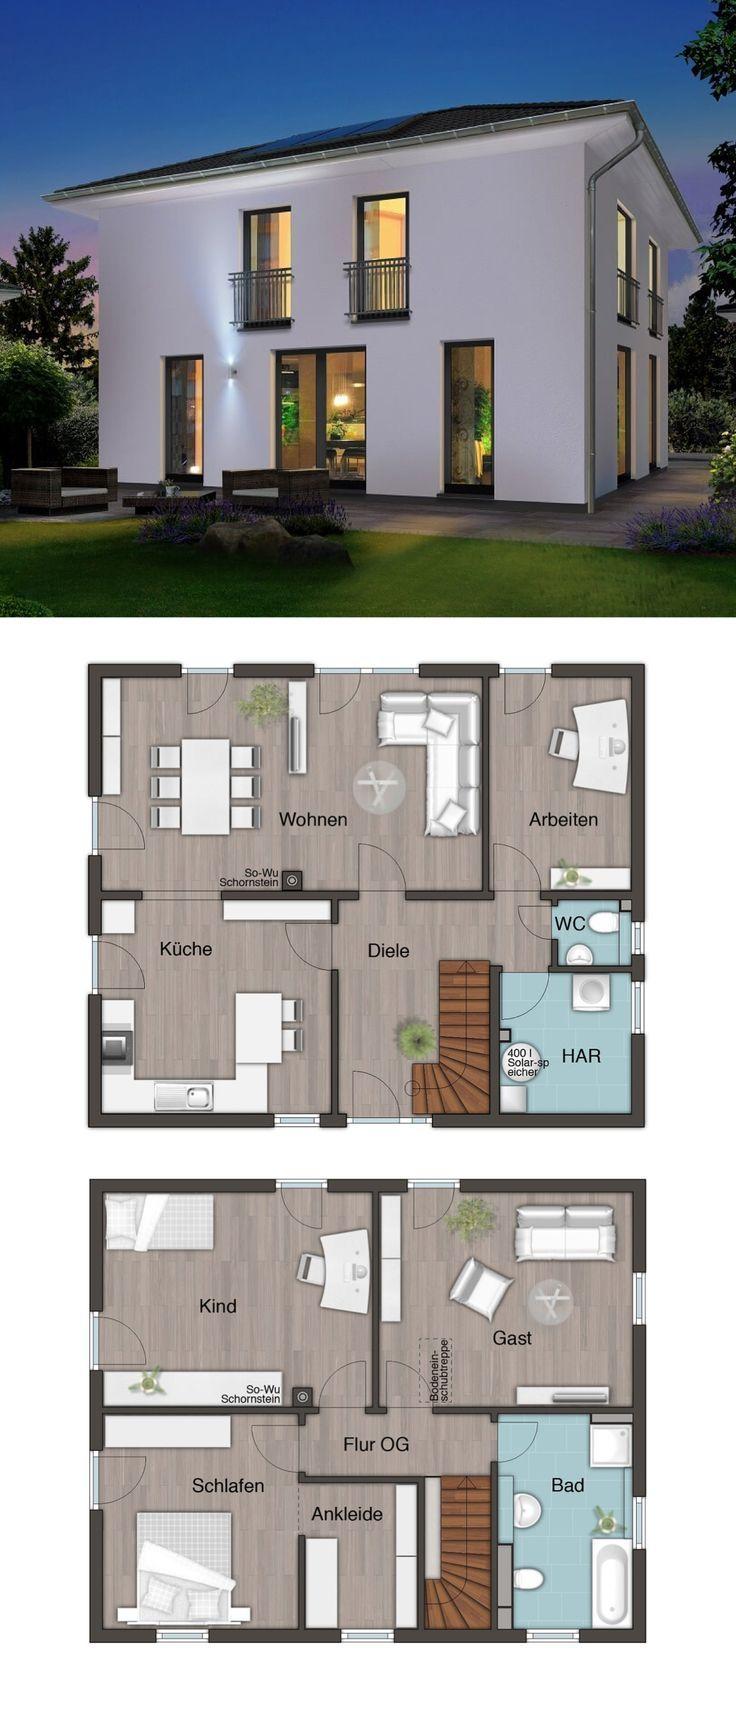 Moderne Stadtvilla Neubau mit Walmdach Baukunst – Einfamilienhaus konstruieren Grund…